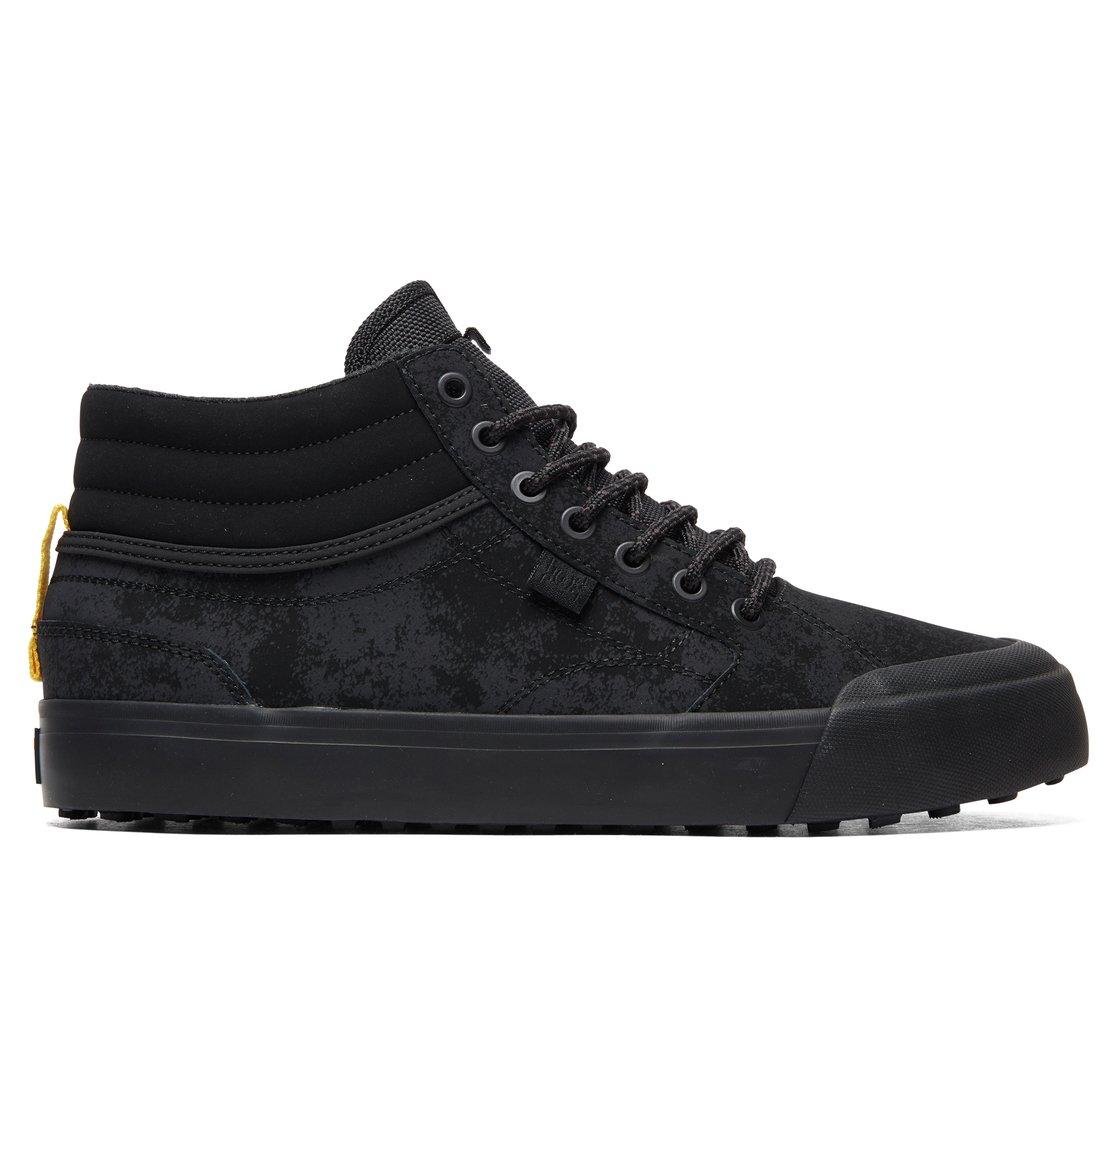 d0642fdfc76 0 Evan Smith Hi WNT - Chaussures d hiver montantes pour Homme Noir  ADYS300412 DC